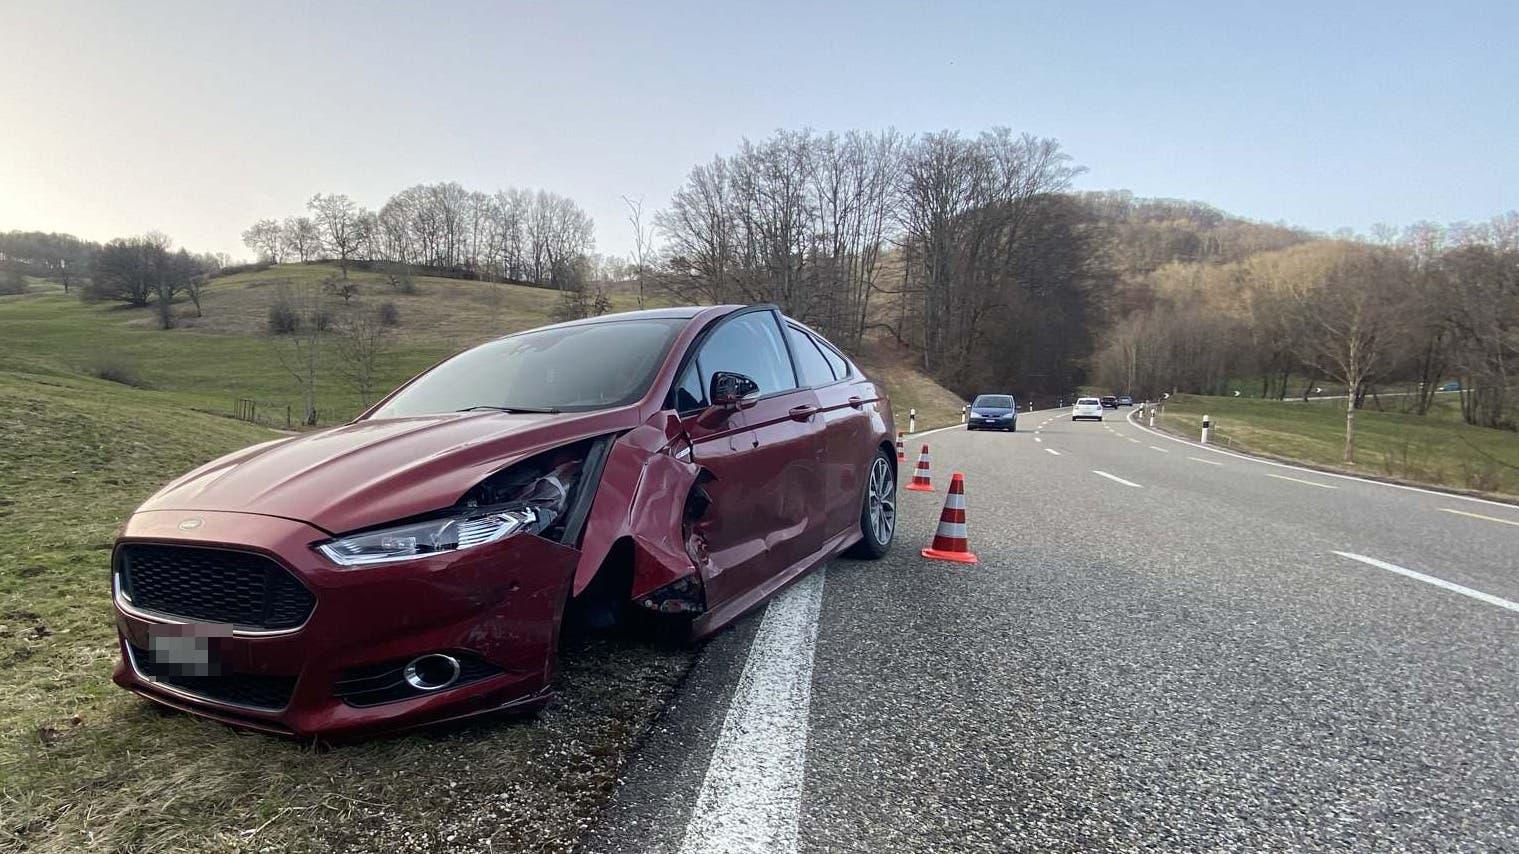 Küttigen AG, 24. Februar 2021: Ein Autofahrer verlor die Kontrolle über sein Auto und kam von der Strasse ab. Vier Autos wurden dabei beschädigt, verletzt wurde niemand.